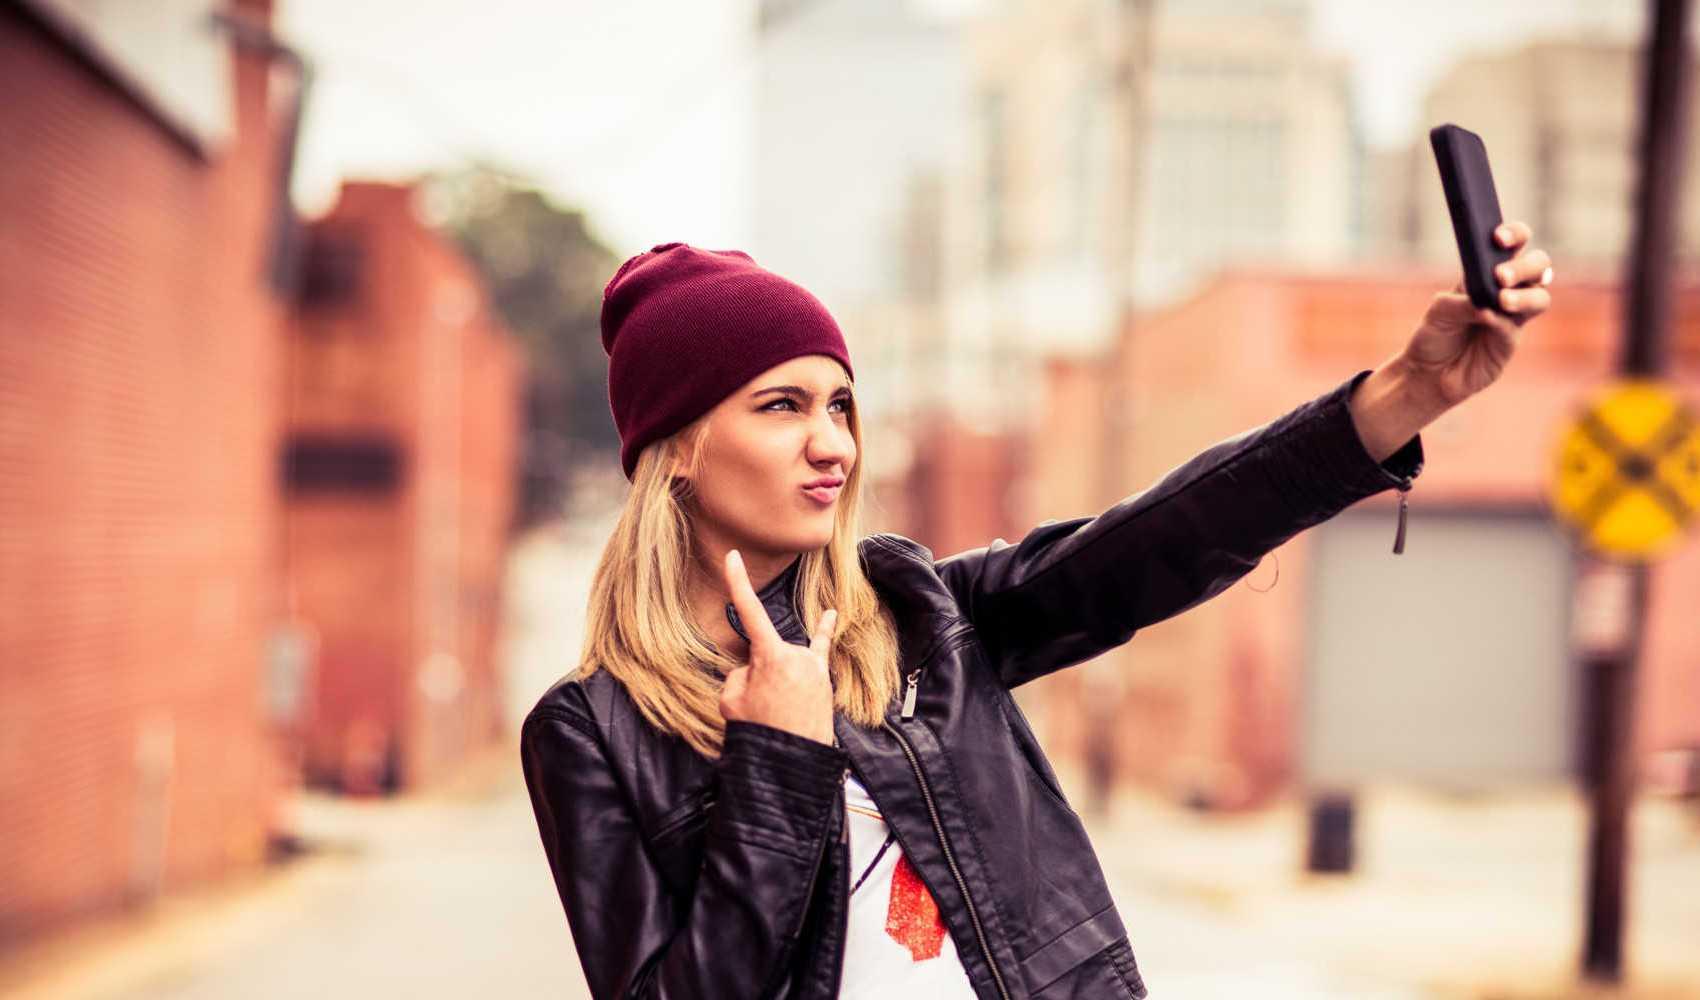 kesalahan selfie